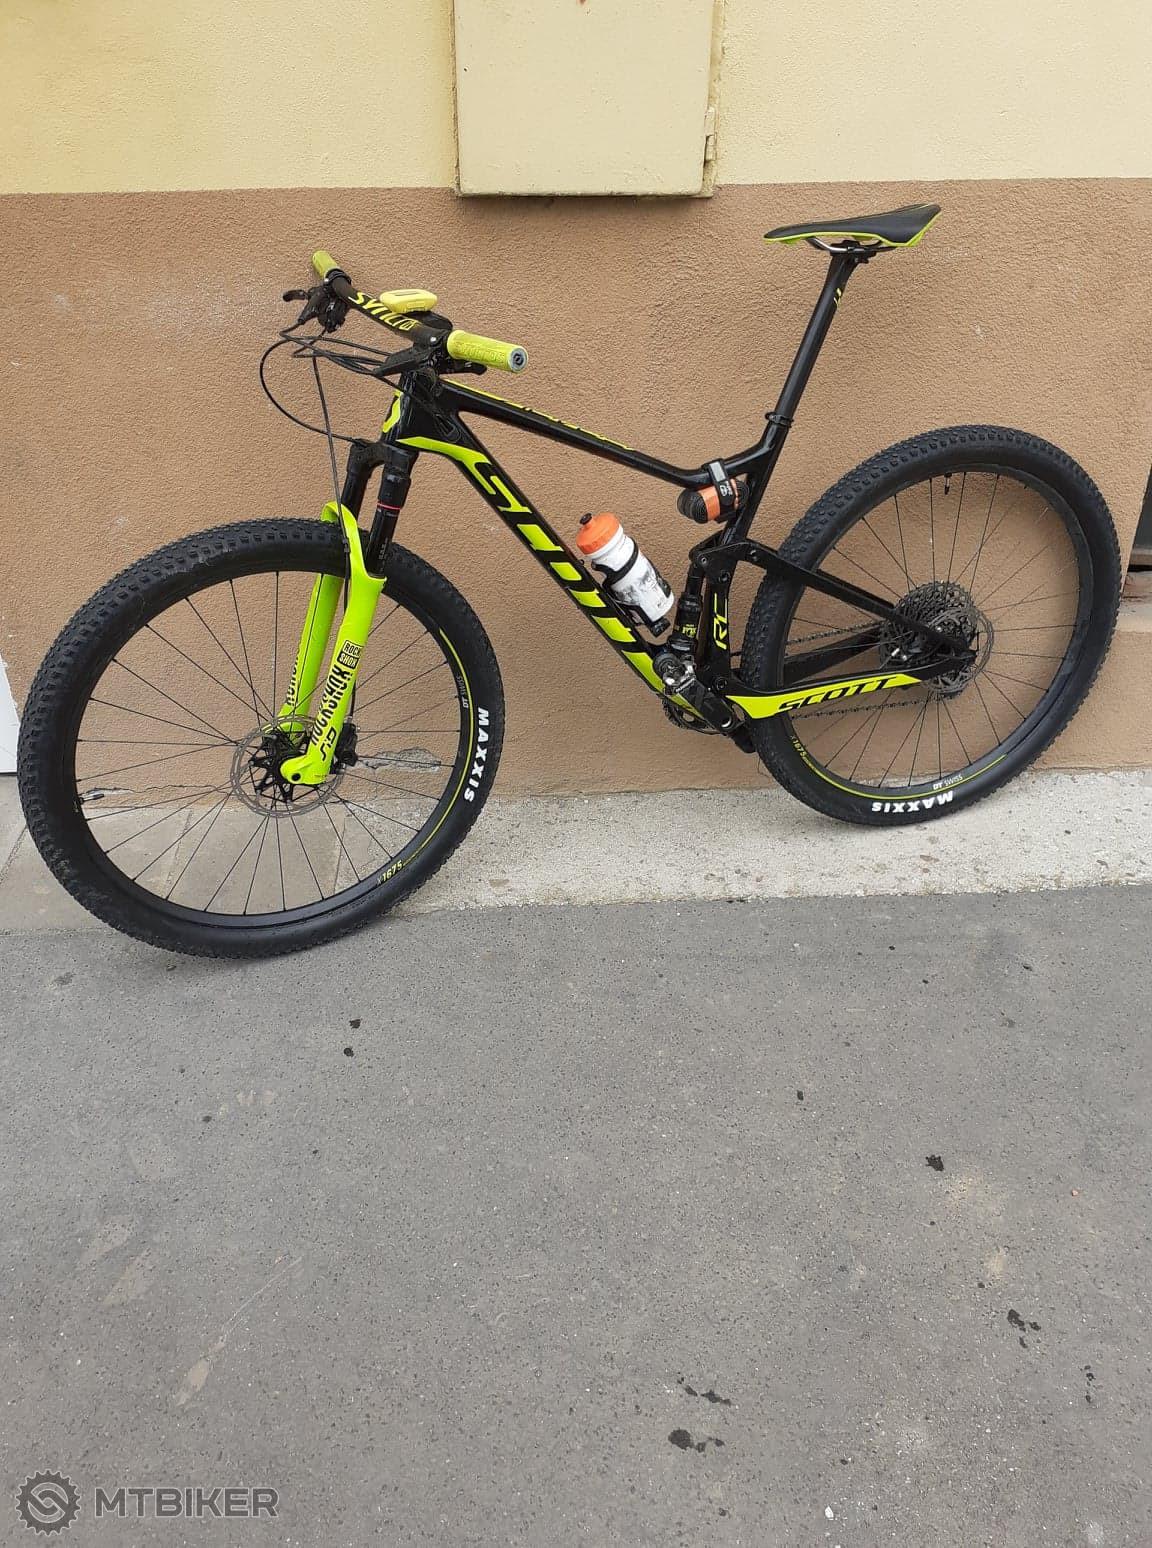 Scott Spark 900 RC 29er - 2015 | 29er Mountain bikes from £349